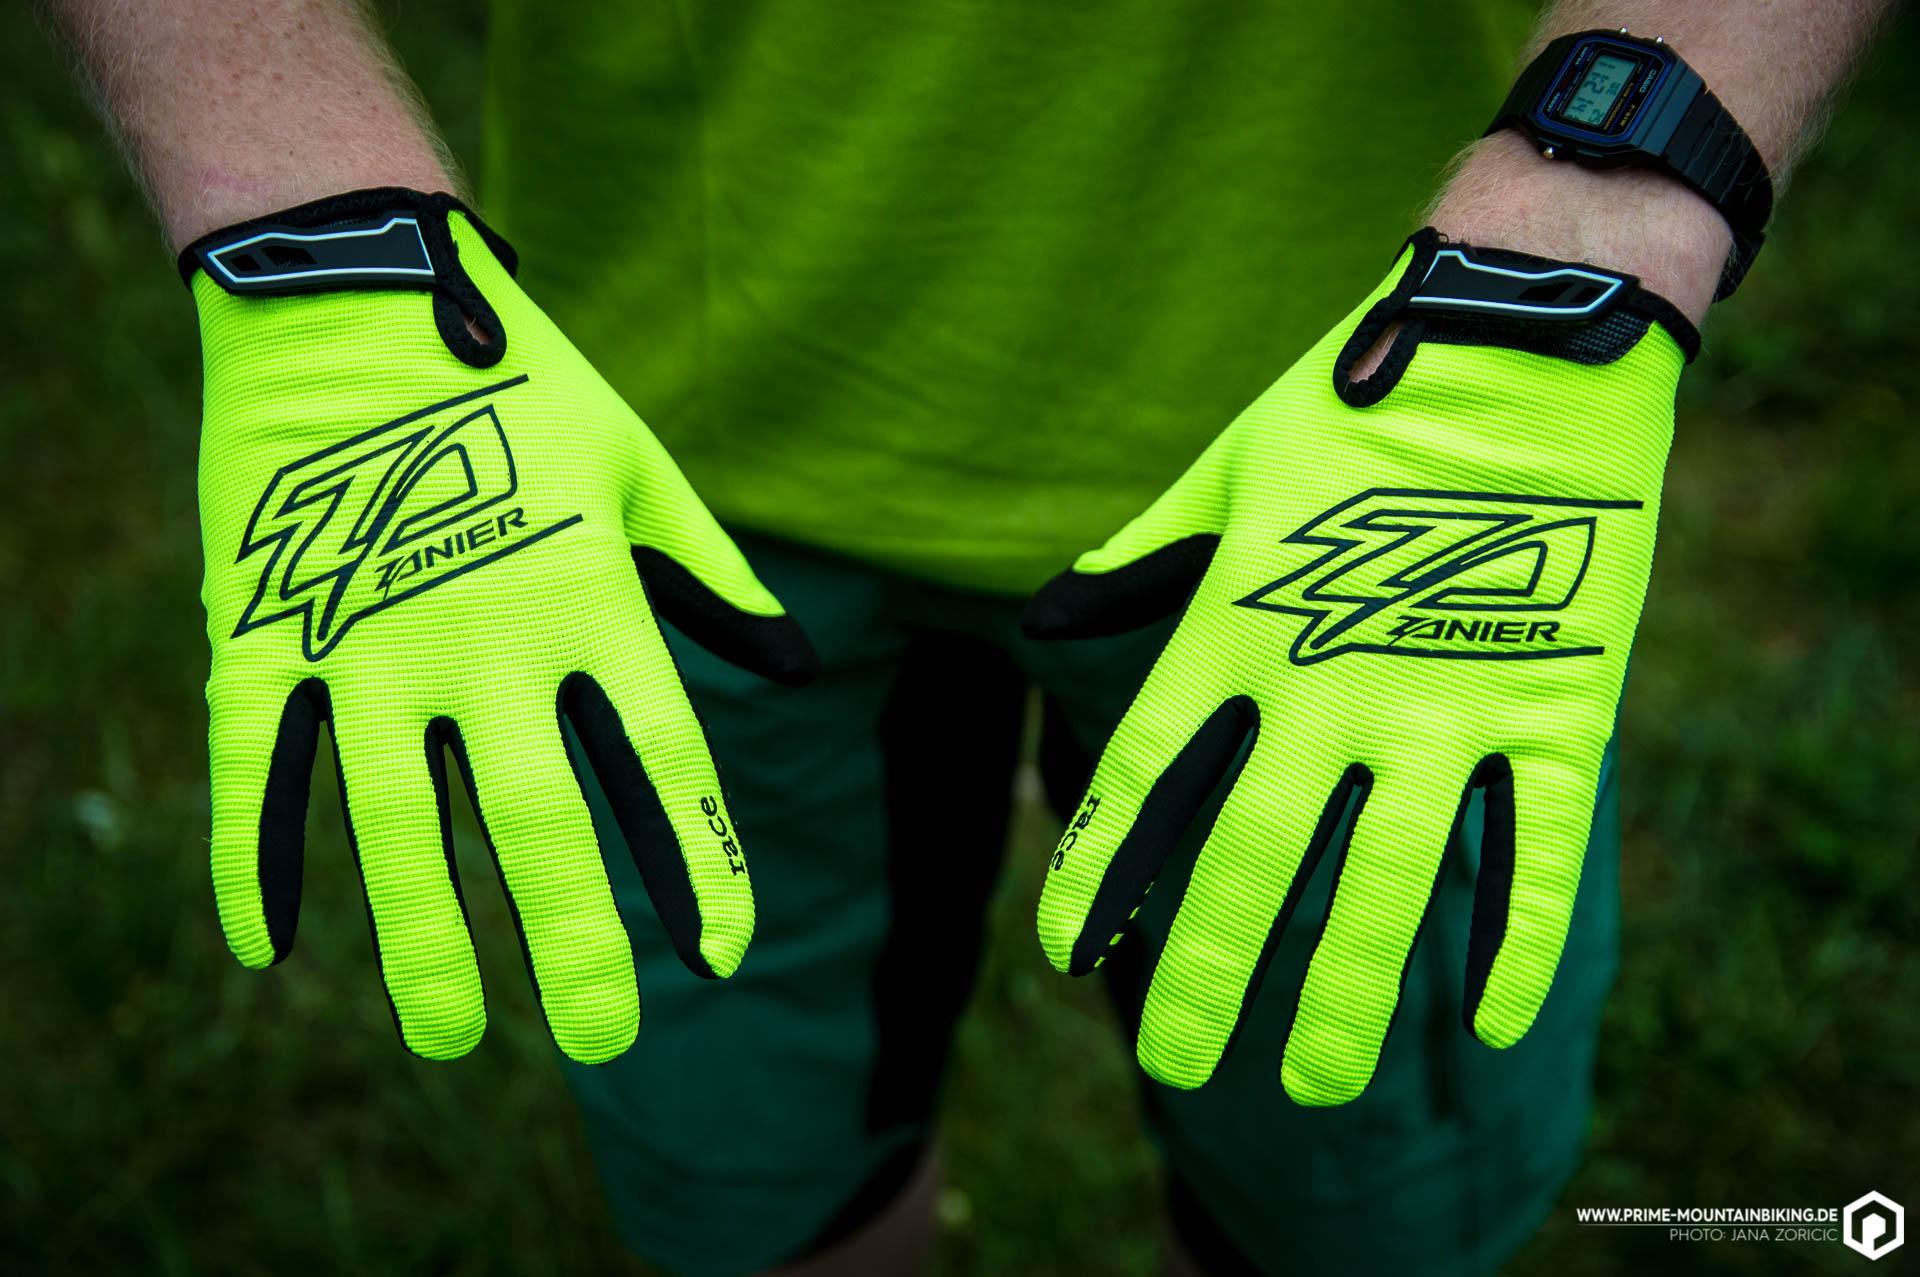 Die Handschuhe kommen vom Materialeinsatz her eher minimalistisch daher. Das Obermaterial macht einen robusten Eindruck.